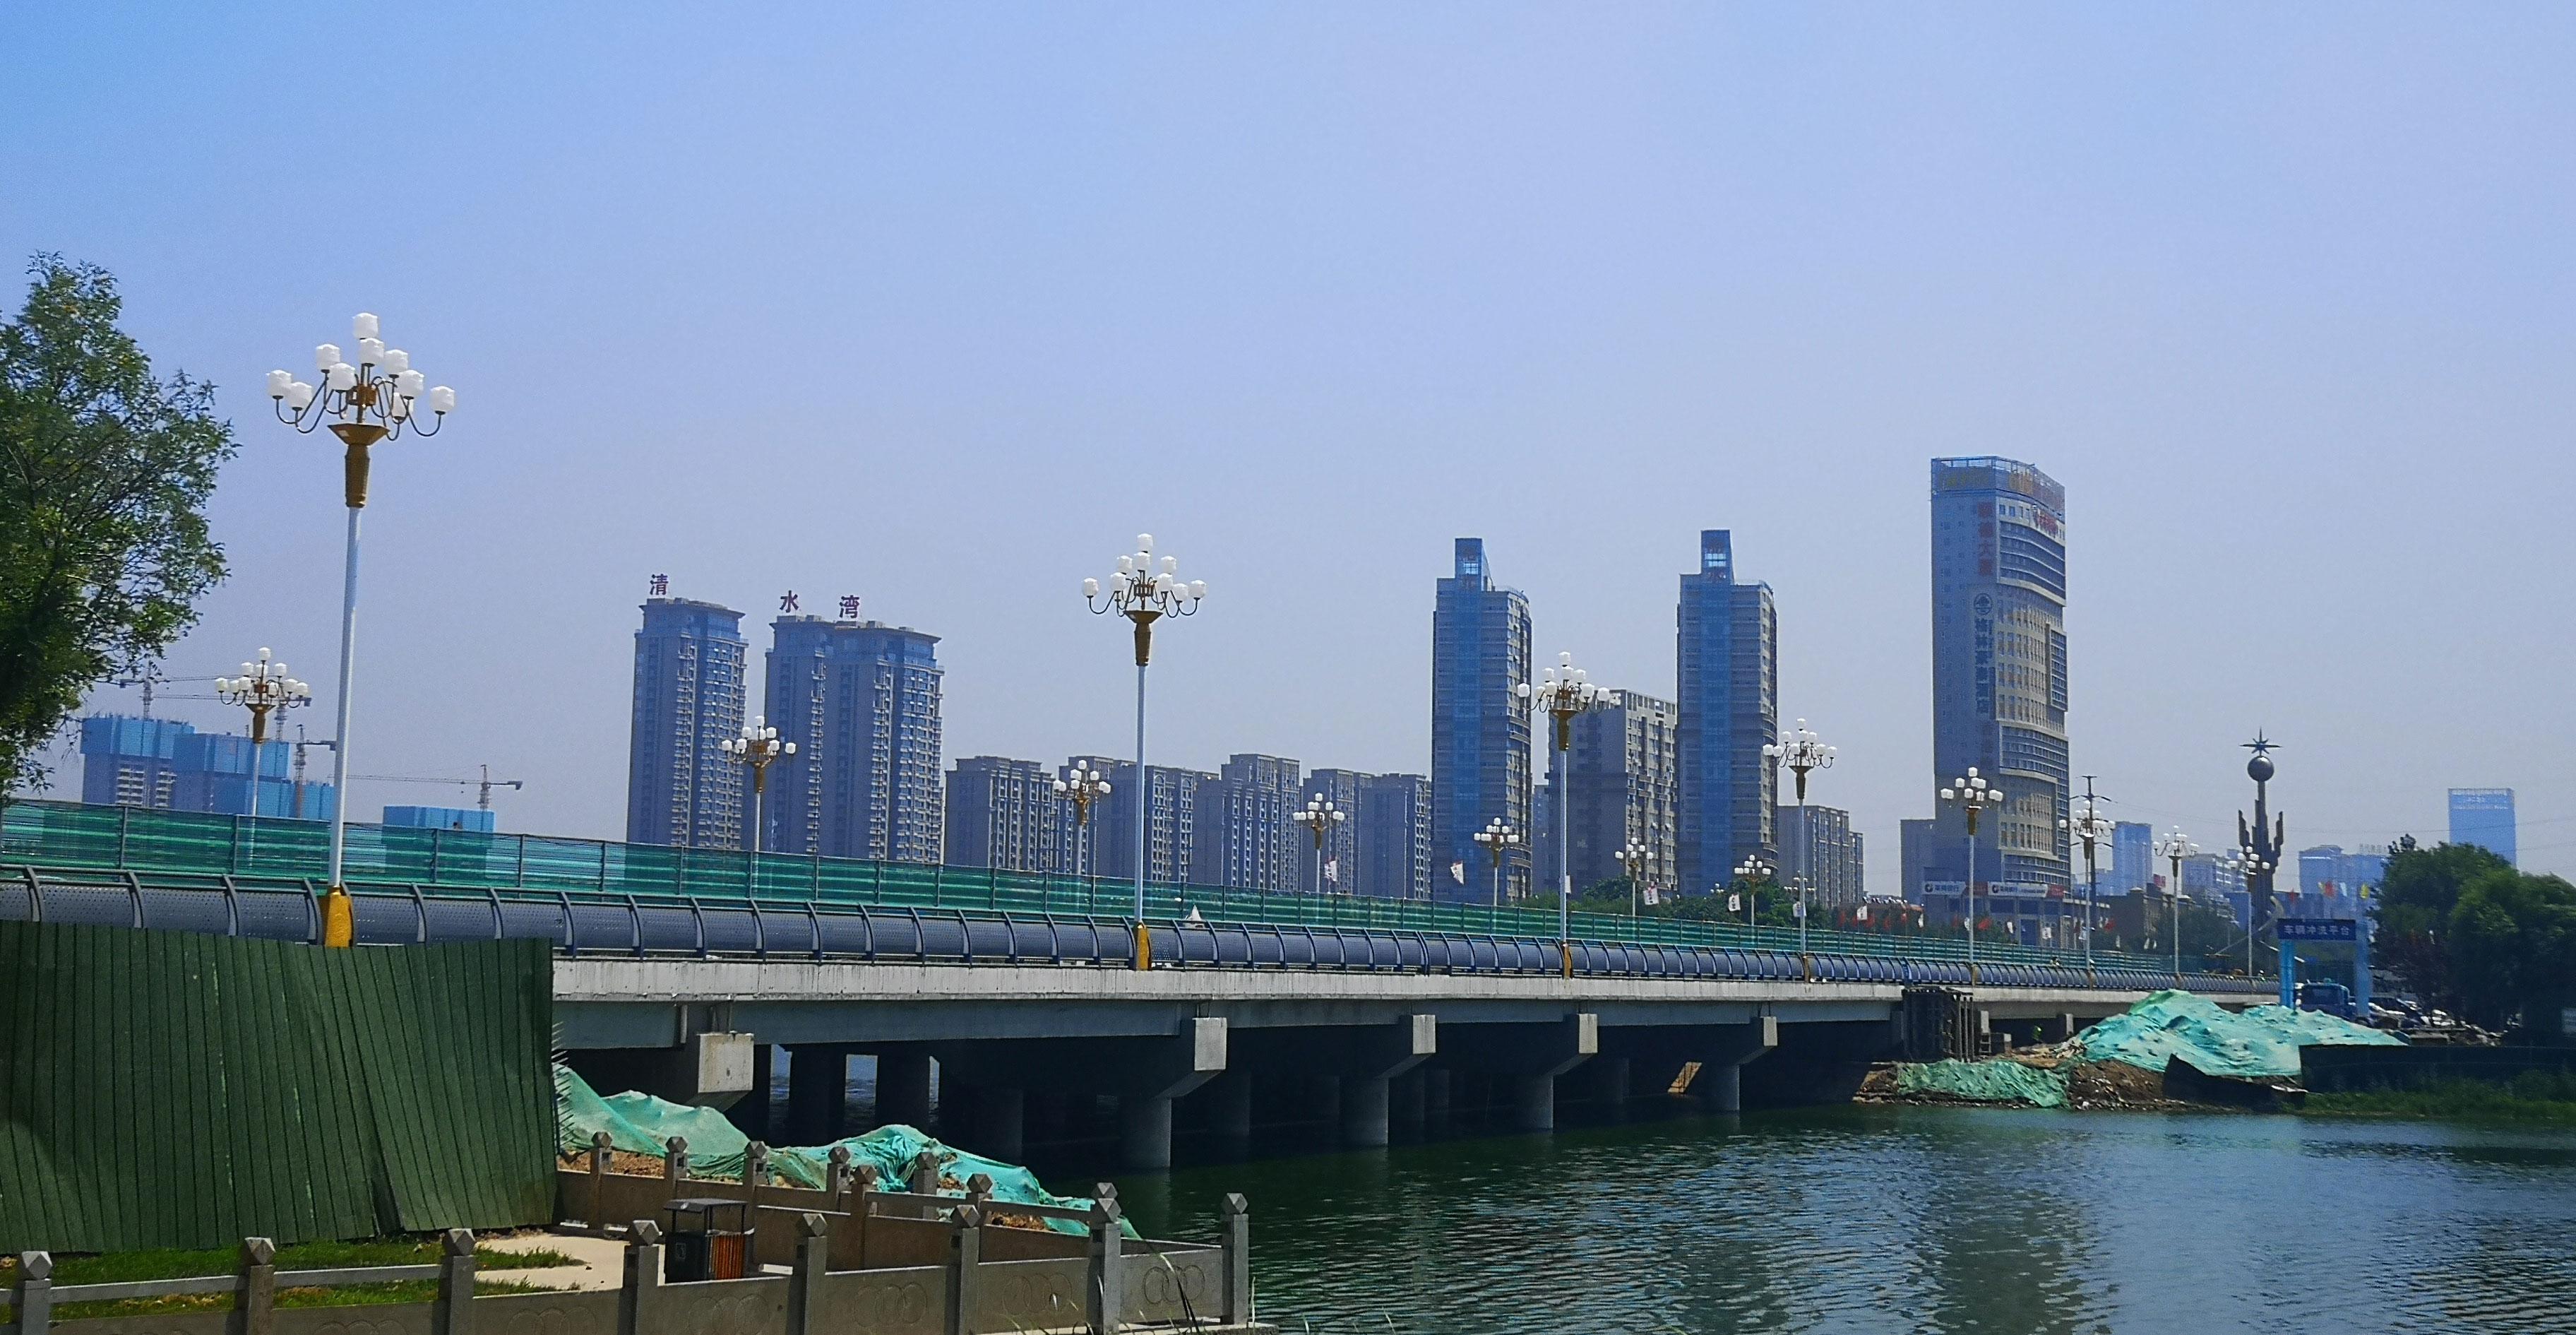 聊城:17座计划建设桥梁已开工8座